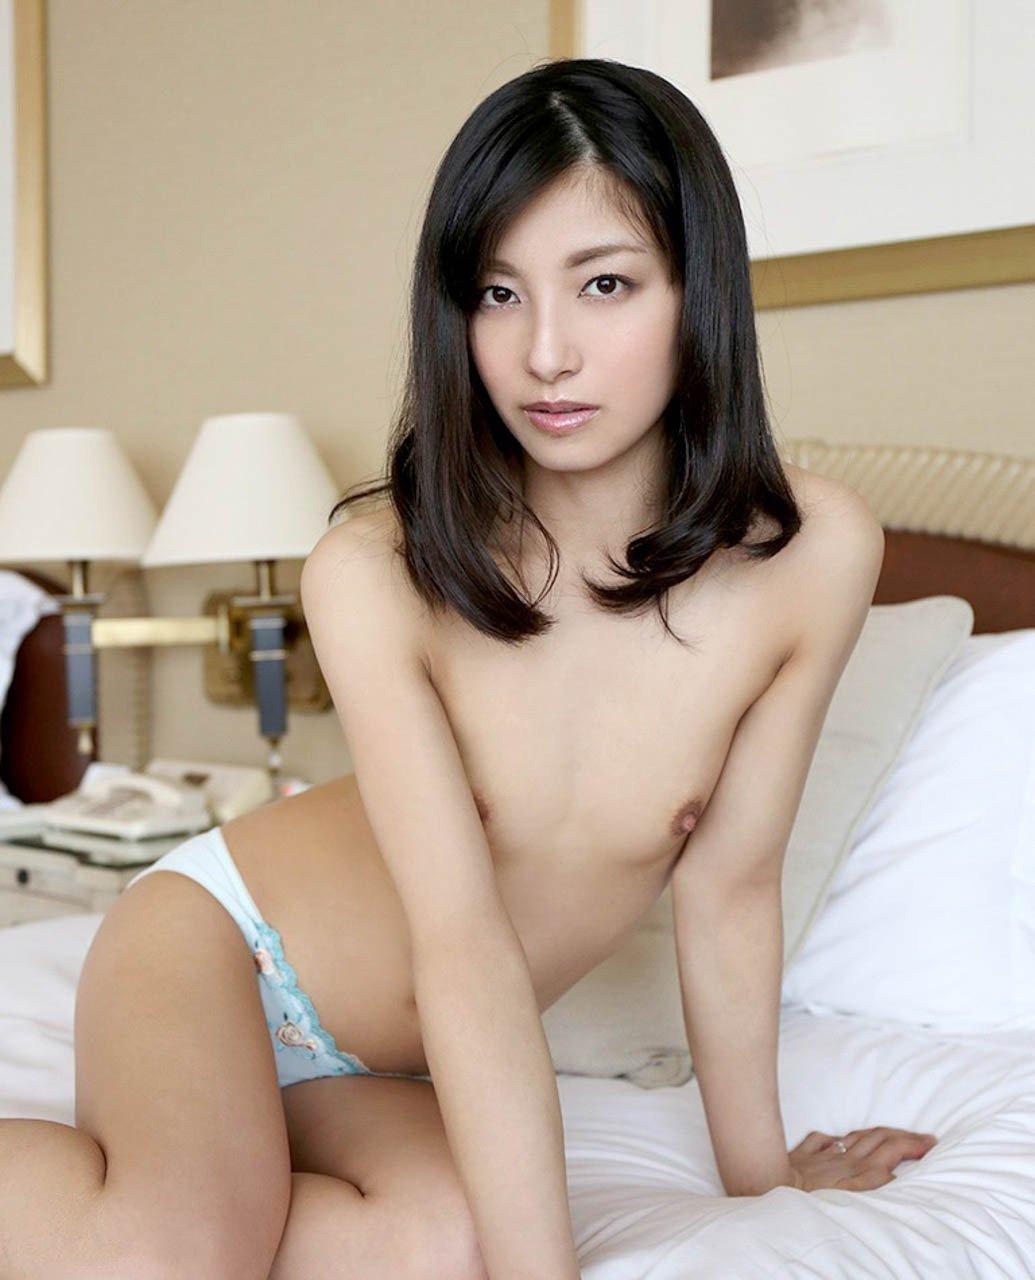 小ぶりな乳房と可愛い乳首 (11)